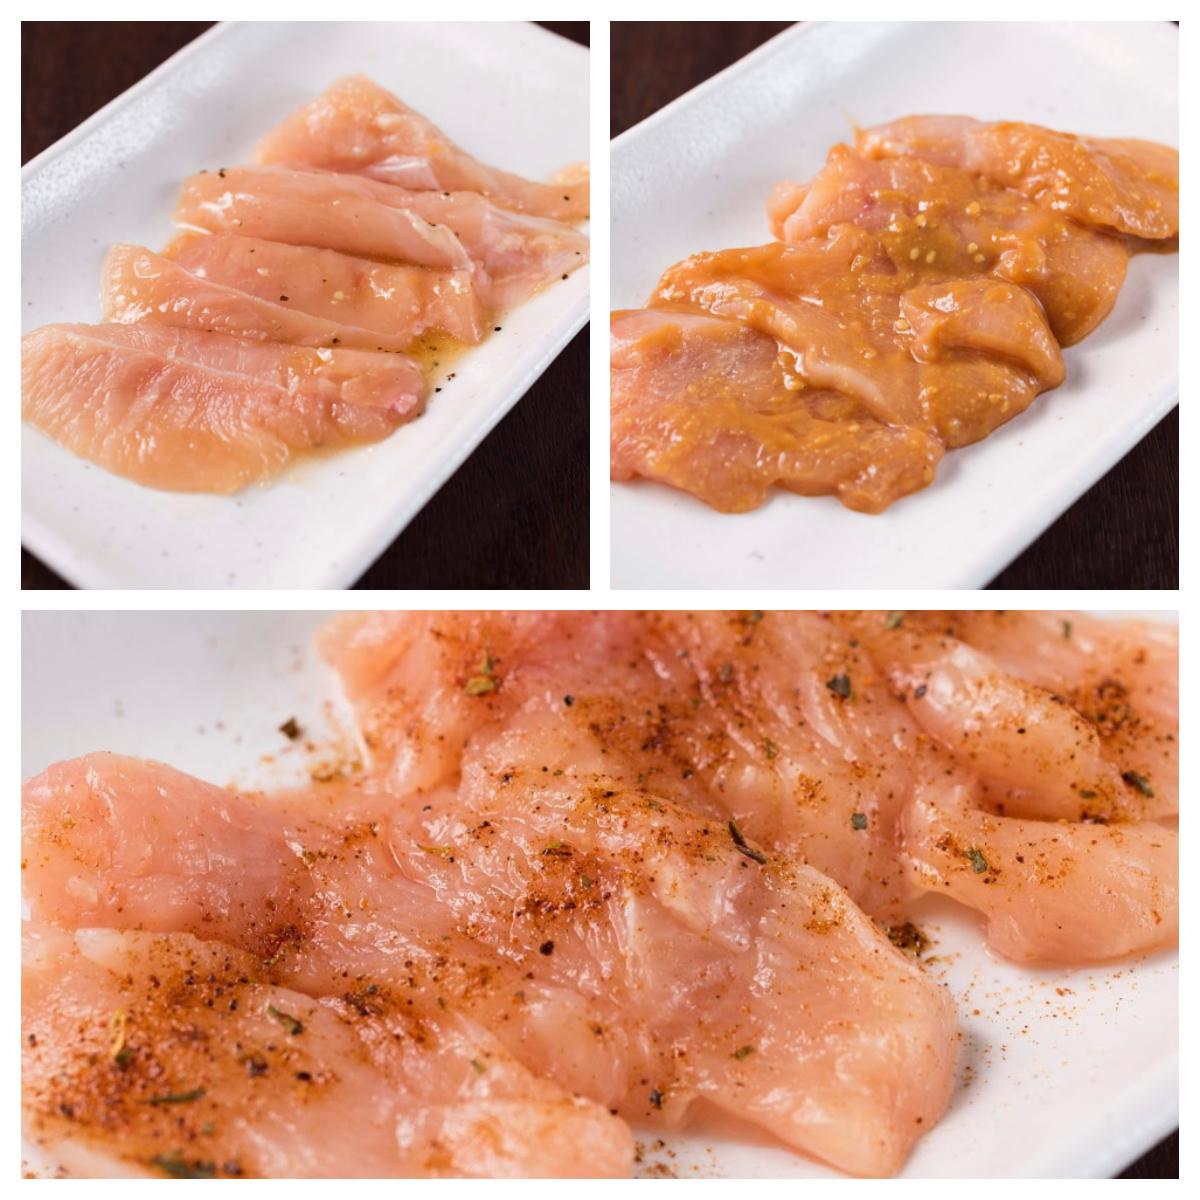 旨塩鶏ハラミ/味噌タレ鶏ハラミ/スパイシー鶏ハラミ